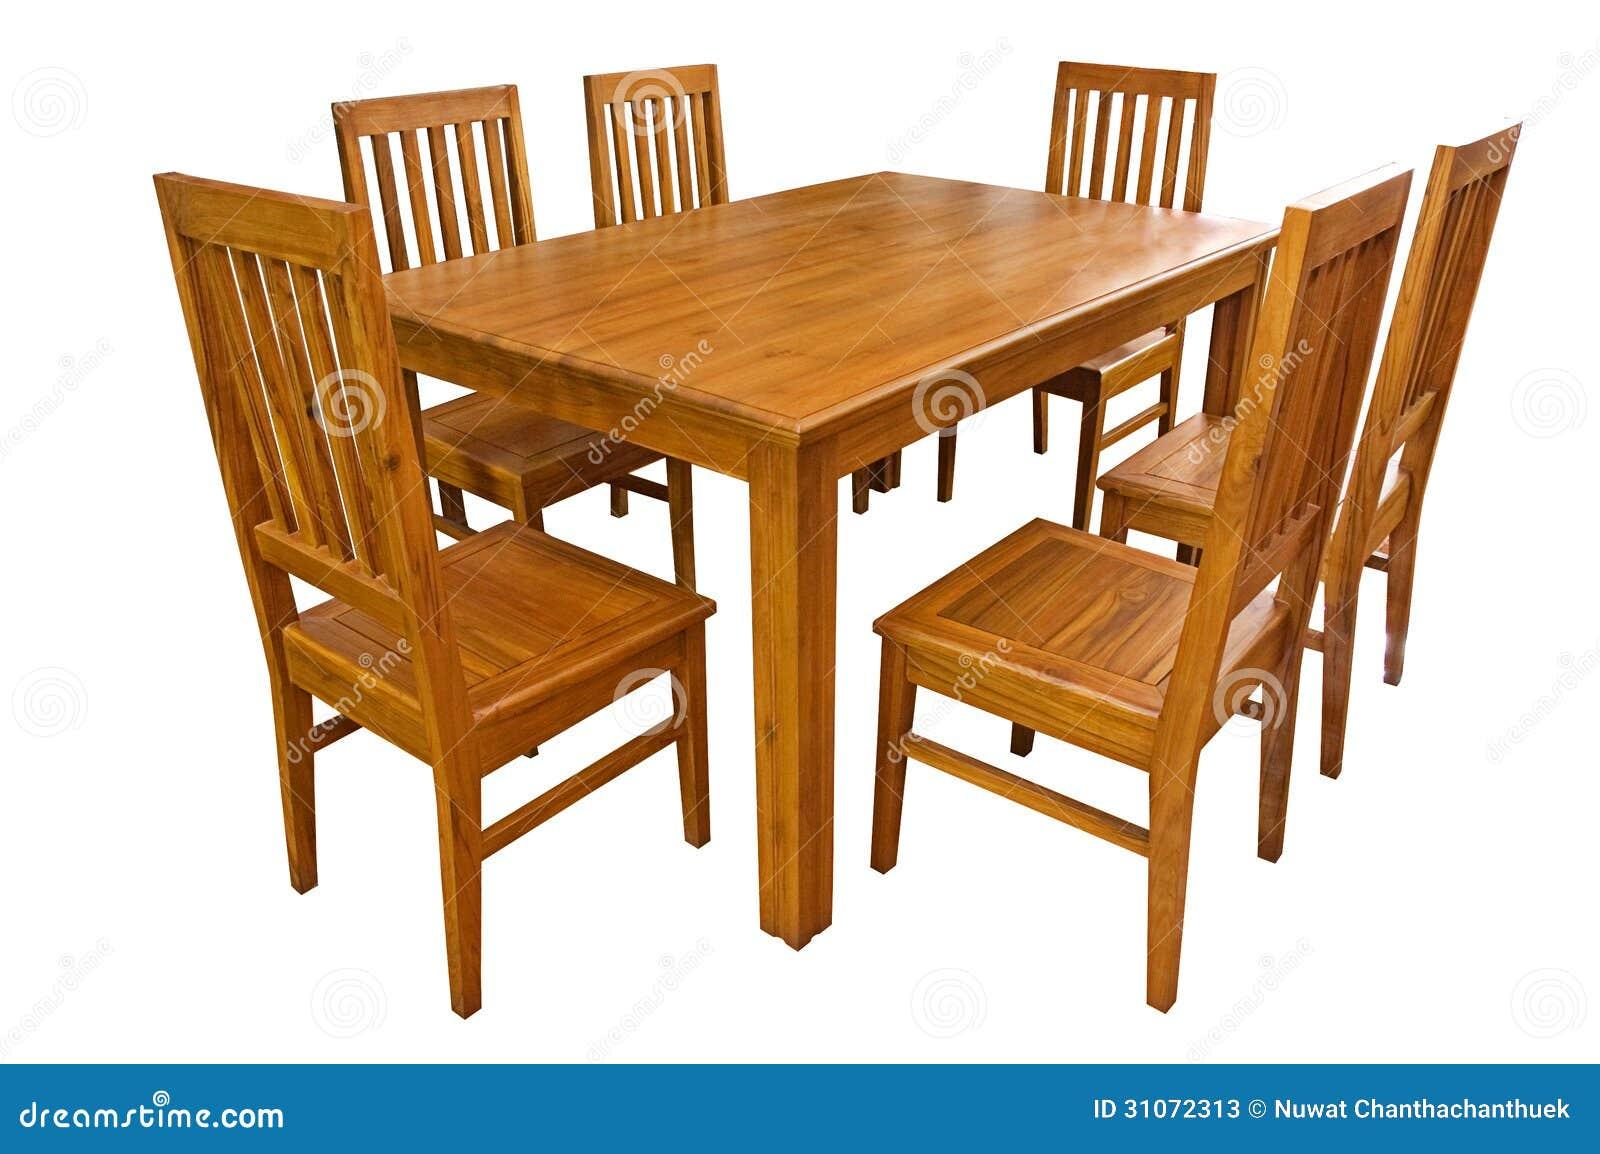 Table de salle manger et chaises d 39 isolement photos for Table de salle a manger et chaises